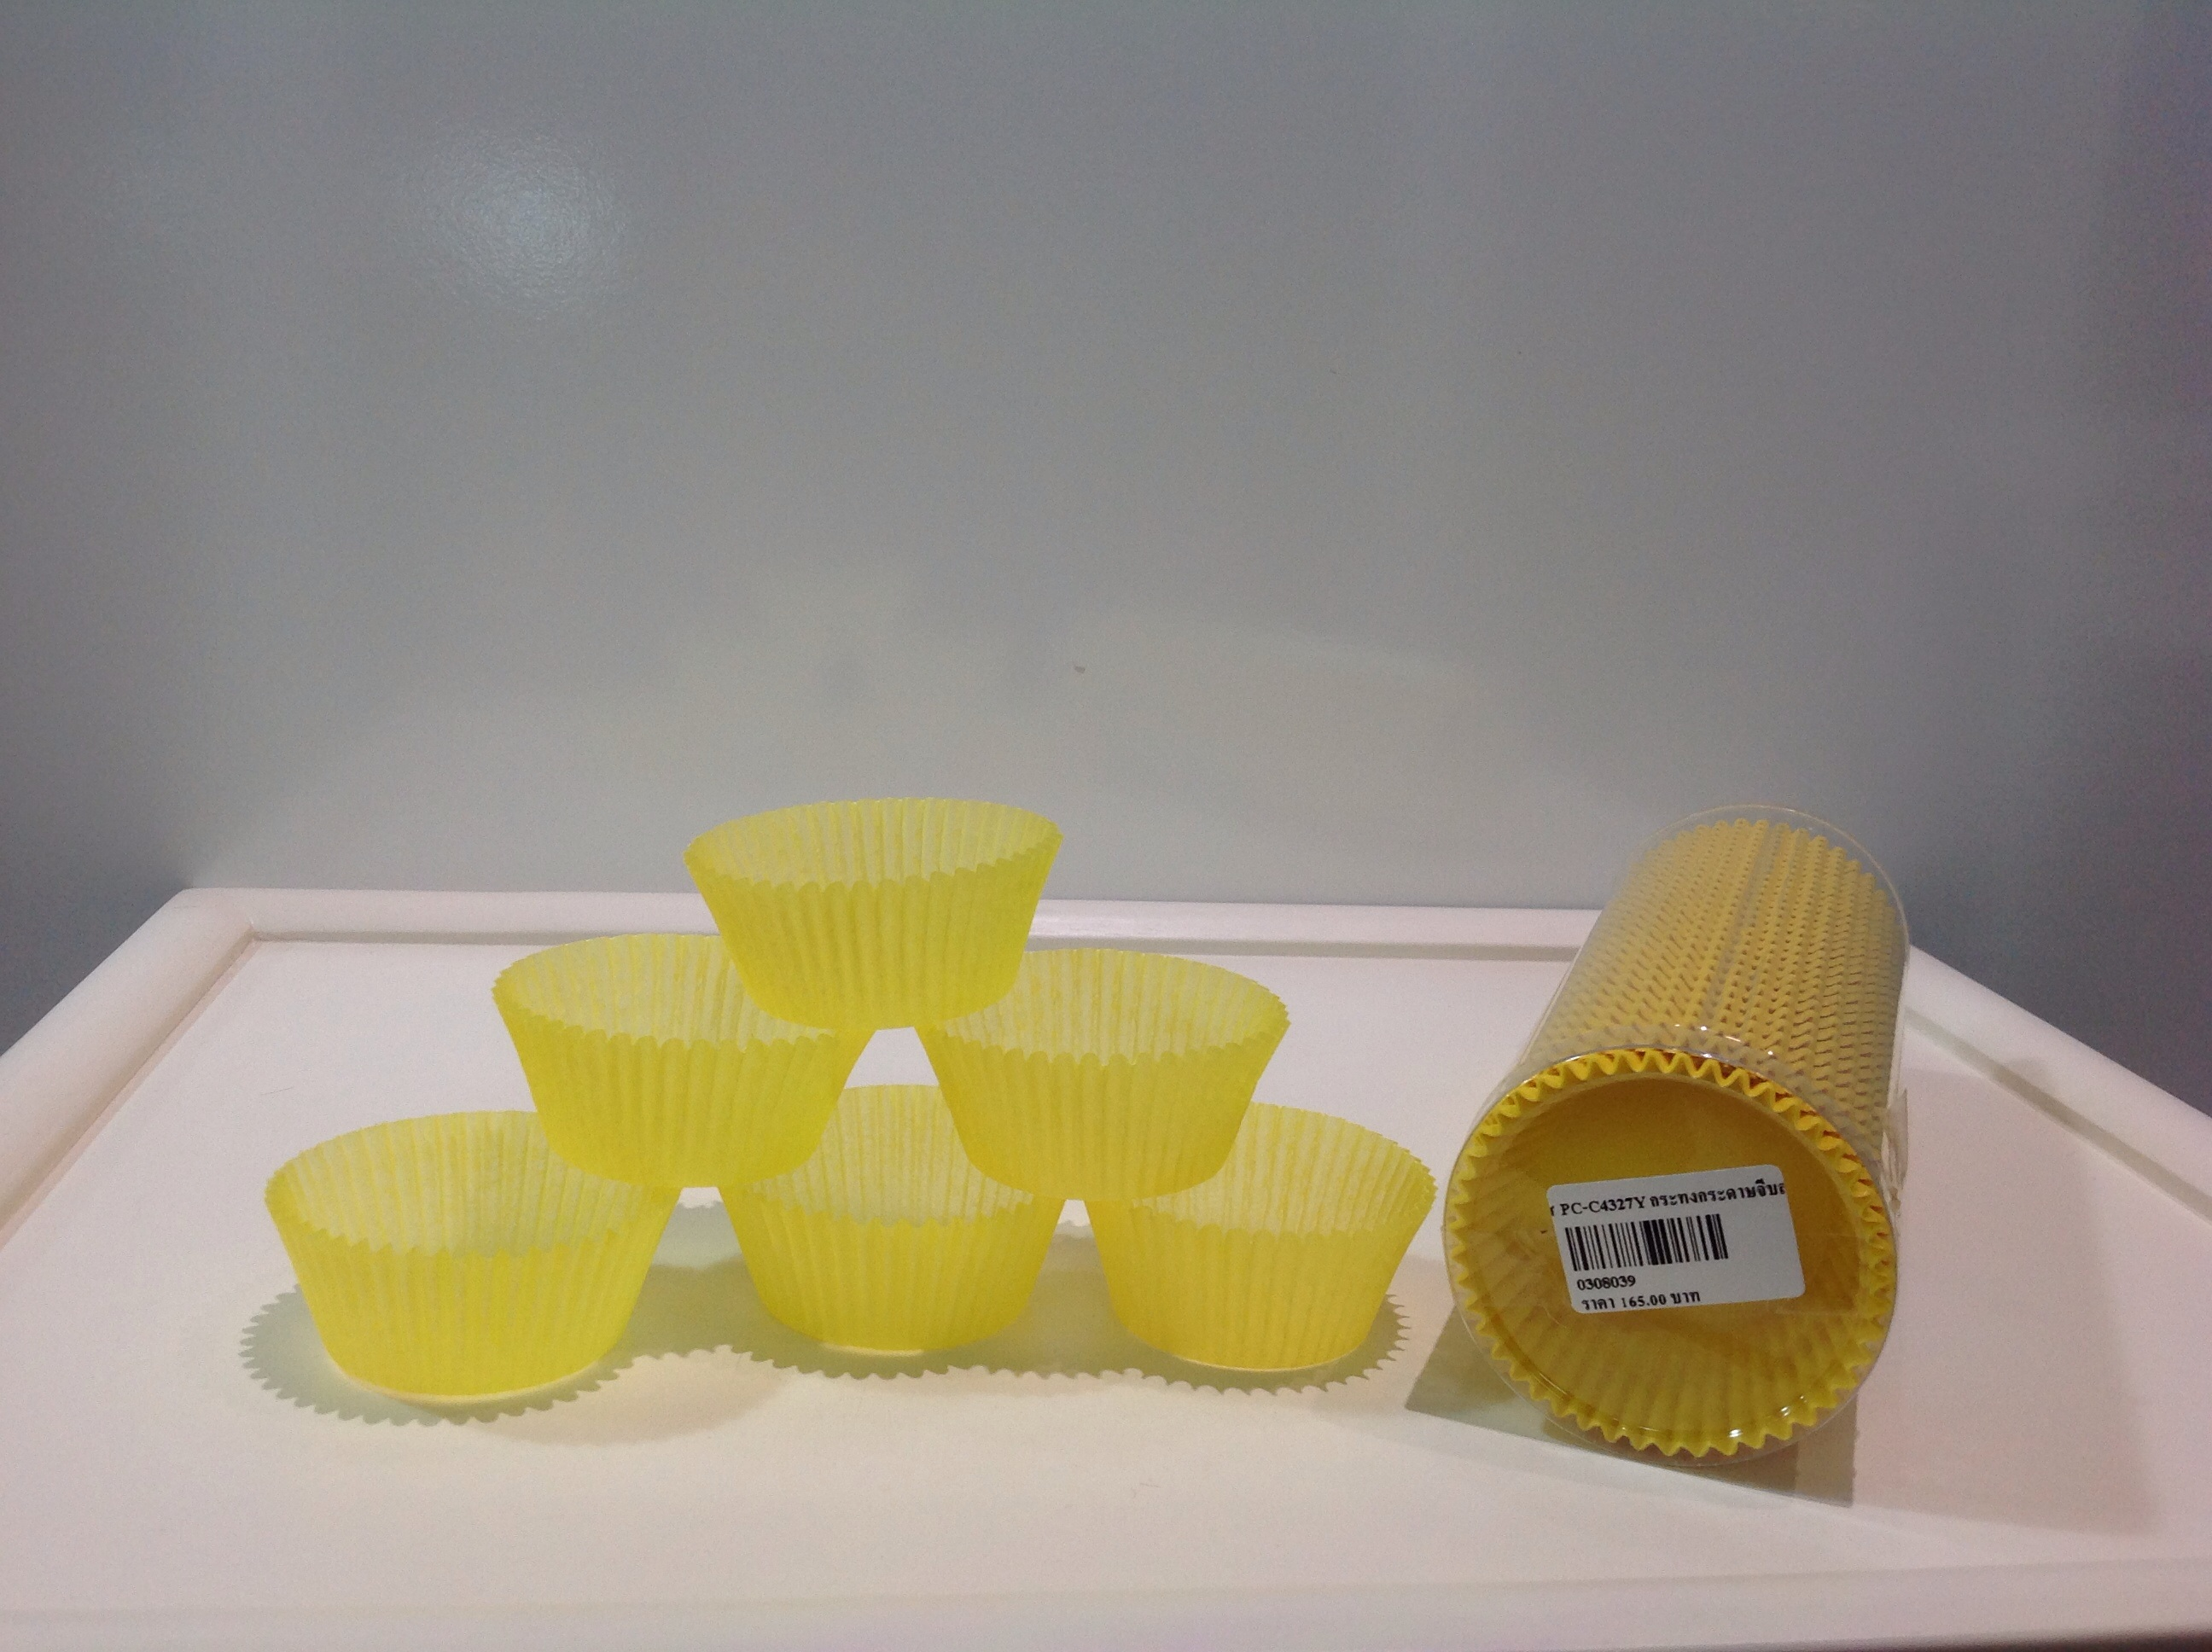 PC-C4327Y กระทงกระดาษจีบสีเหลือง